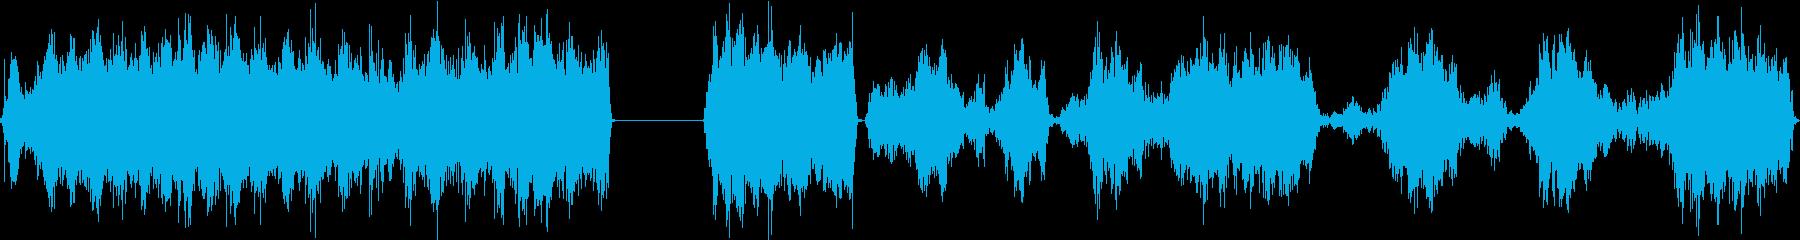 スクリュードライバー、電動、ハンド...の再生済みの波形